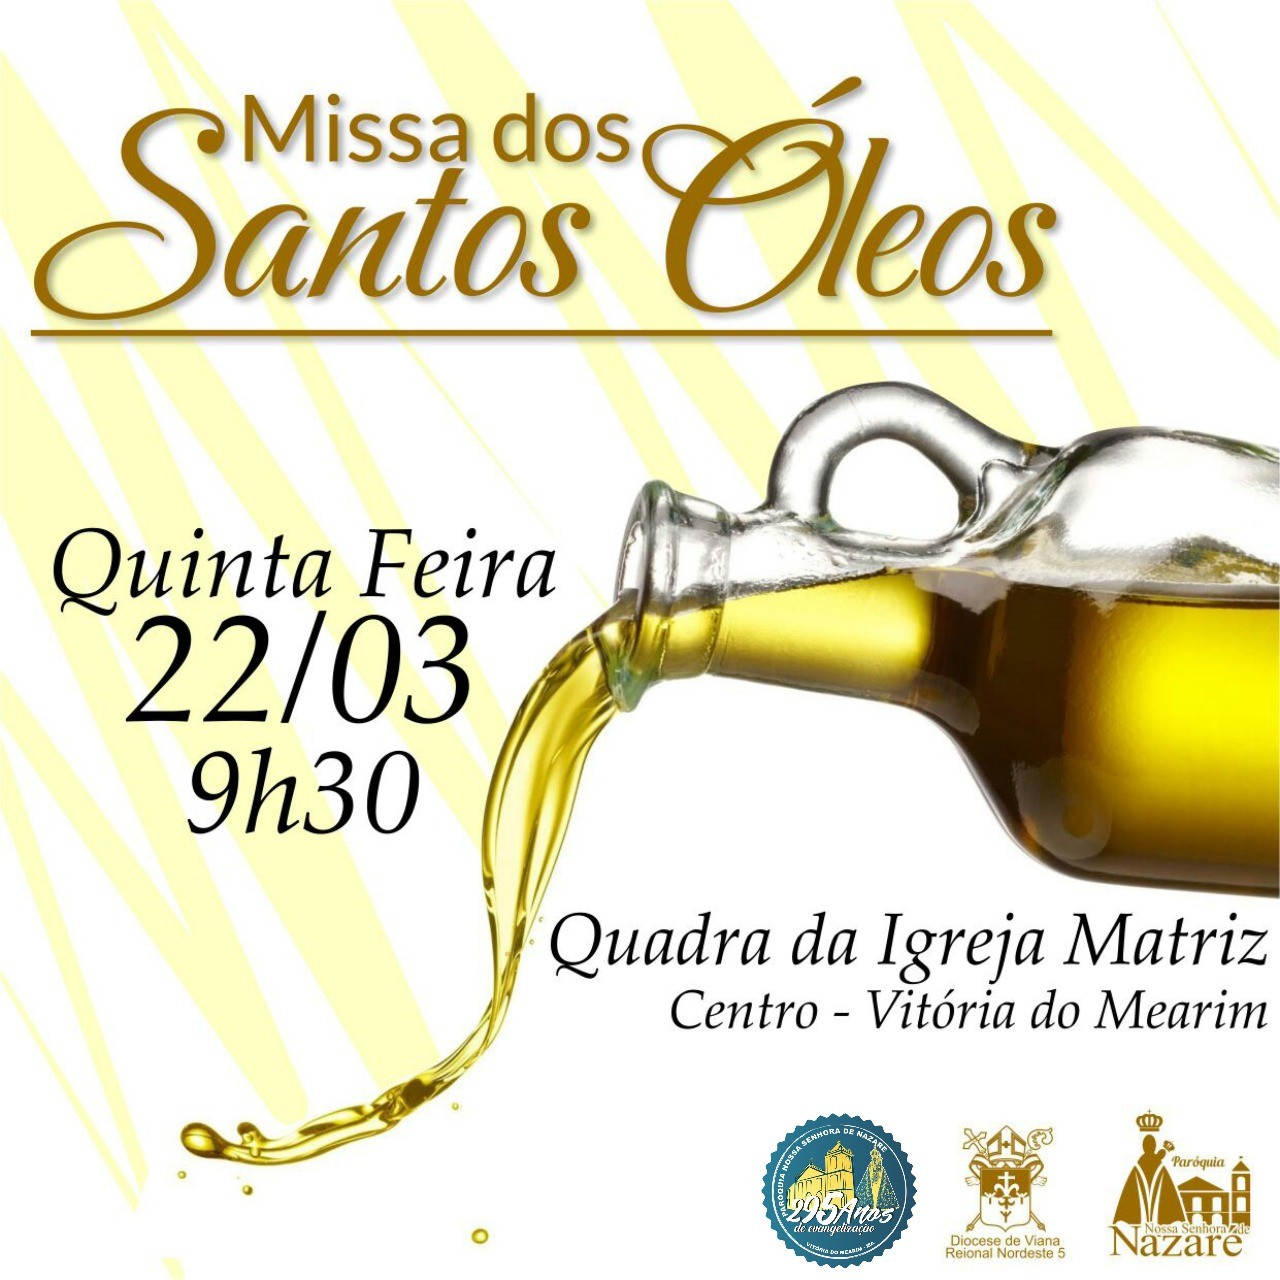 Celebração da Missa dos Santos Óleos,acontecerá dia 22/03